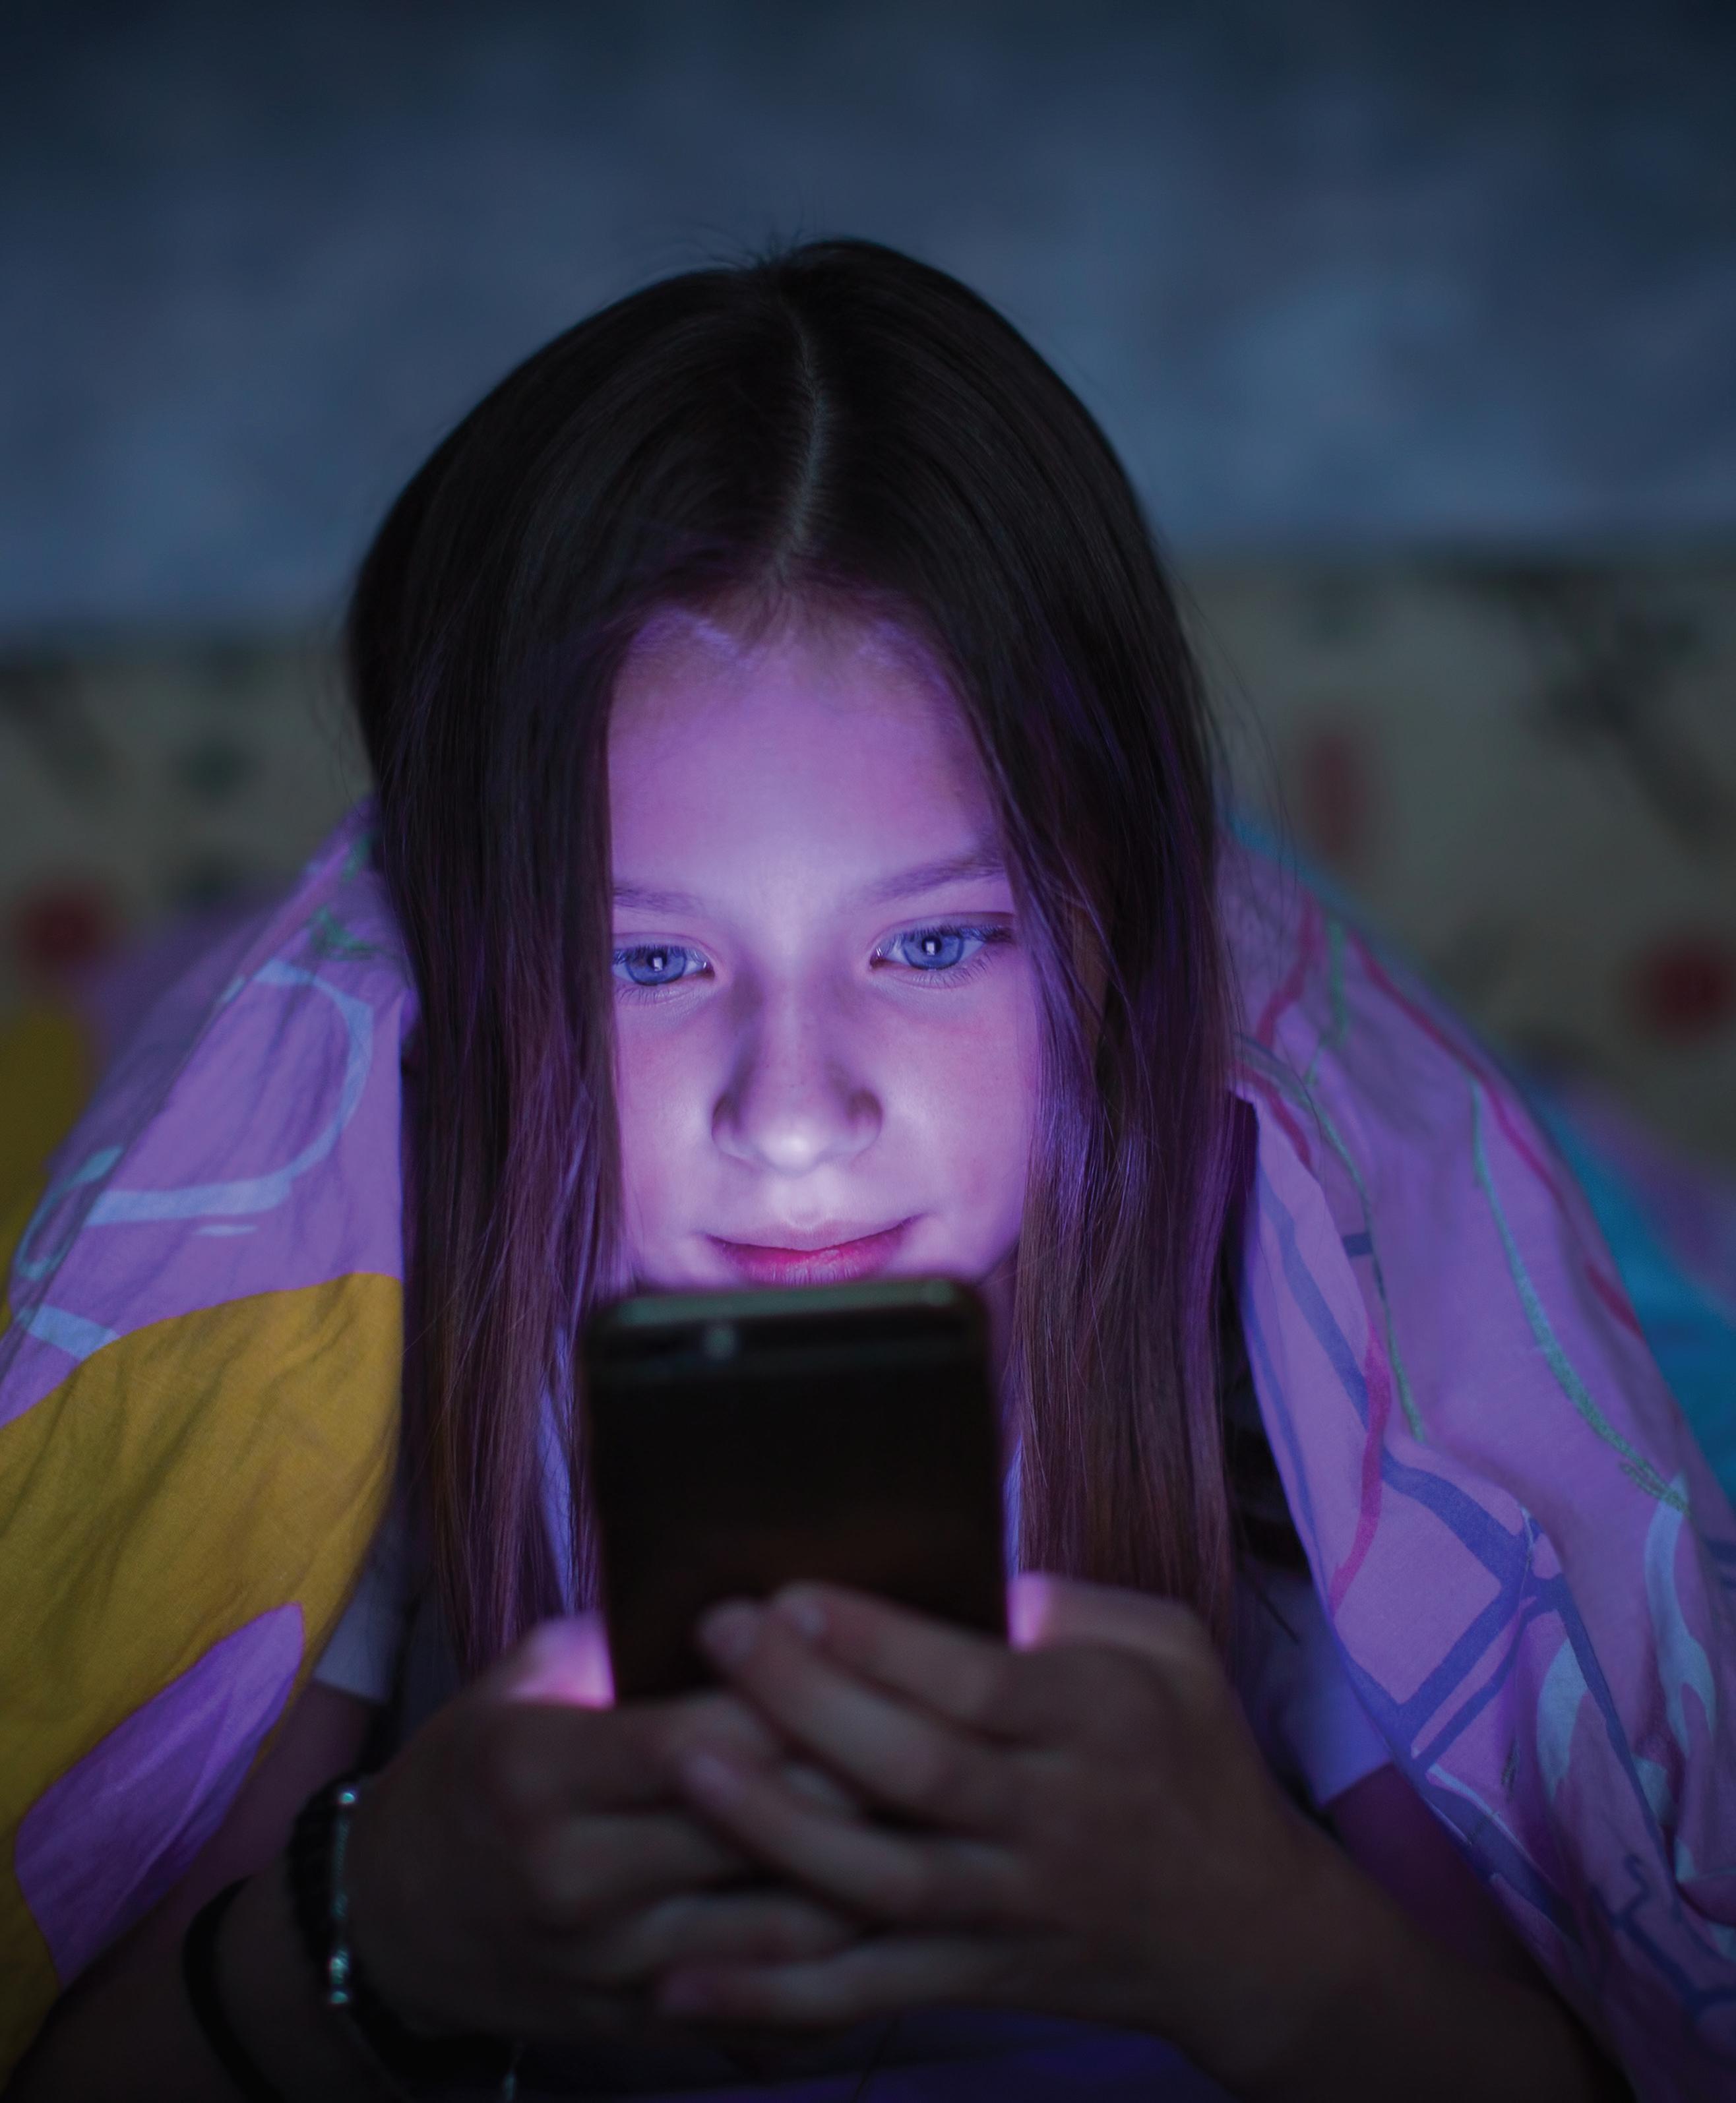 Smernice za uporabo zaslonov  – Starejši otroci in mladostniki